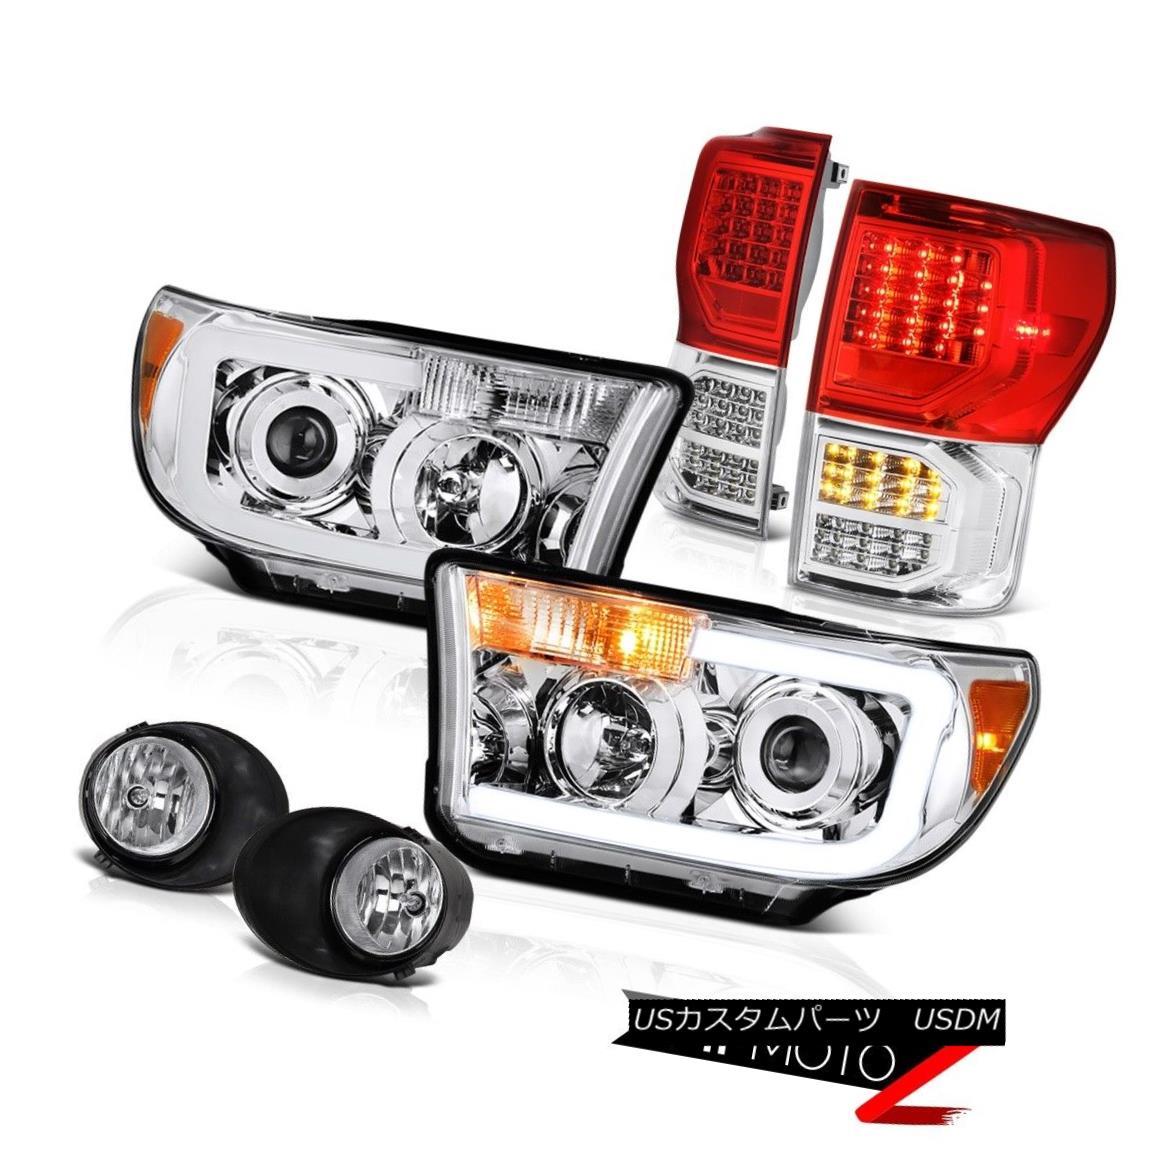 テールライト 07-13 Toyota Tundra Platinum Taillights Headlamps Fog Lamps LED SMD Brightest 07-13トヨタトンドラプラチナティアライトヘッドランプフォグランプLED SMDブライト